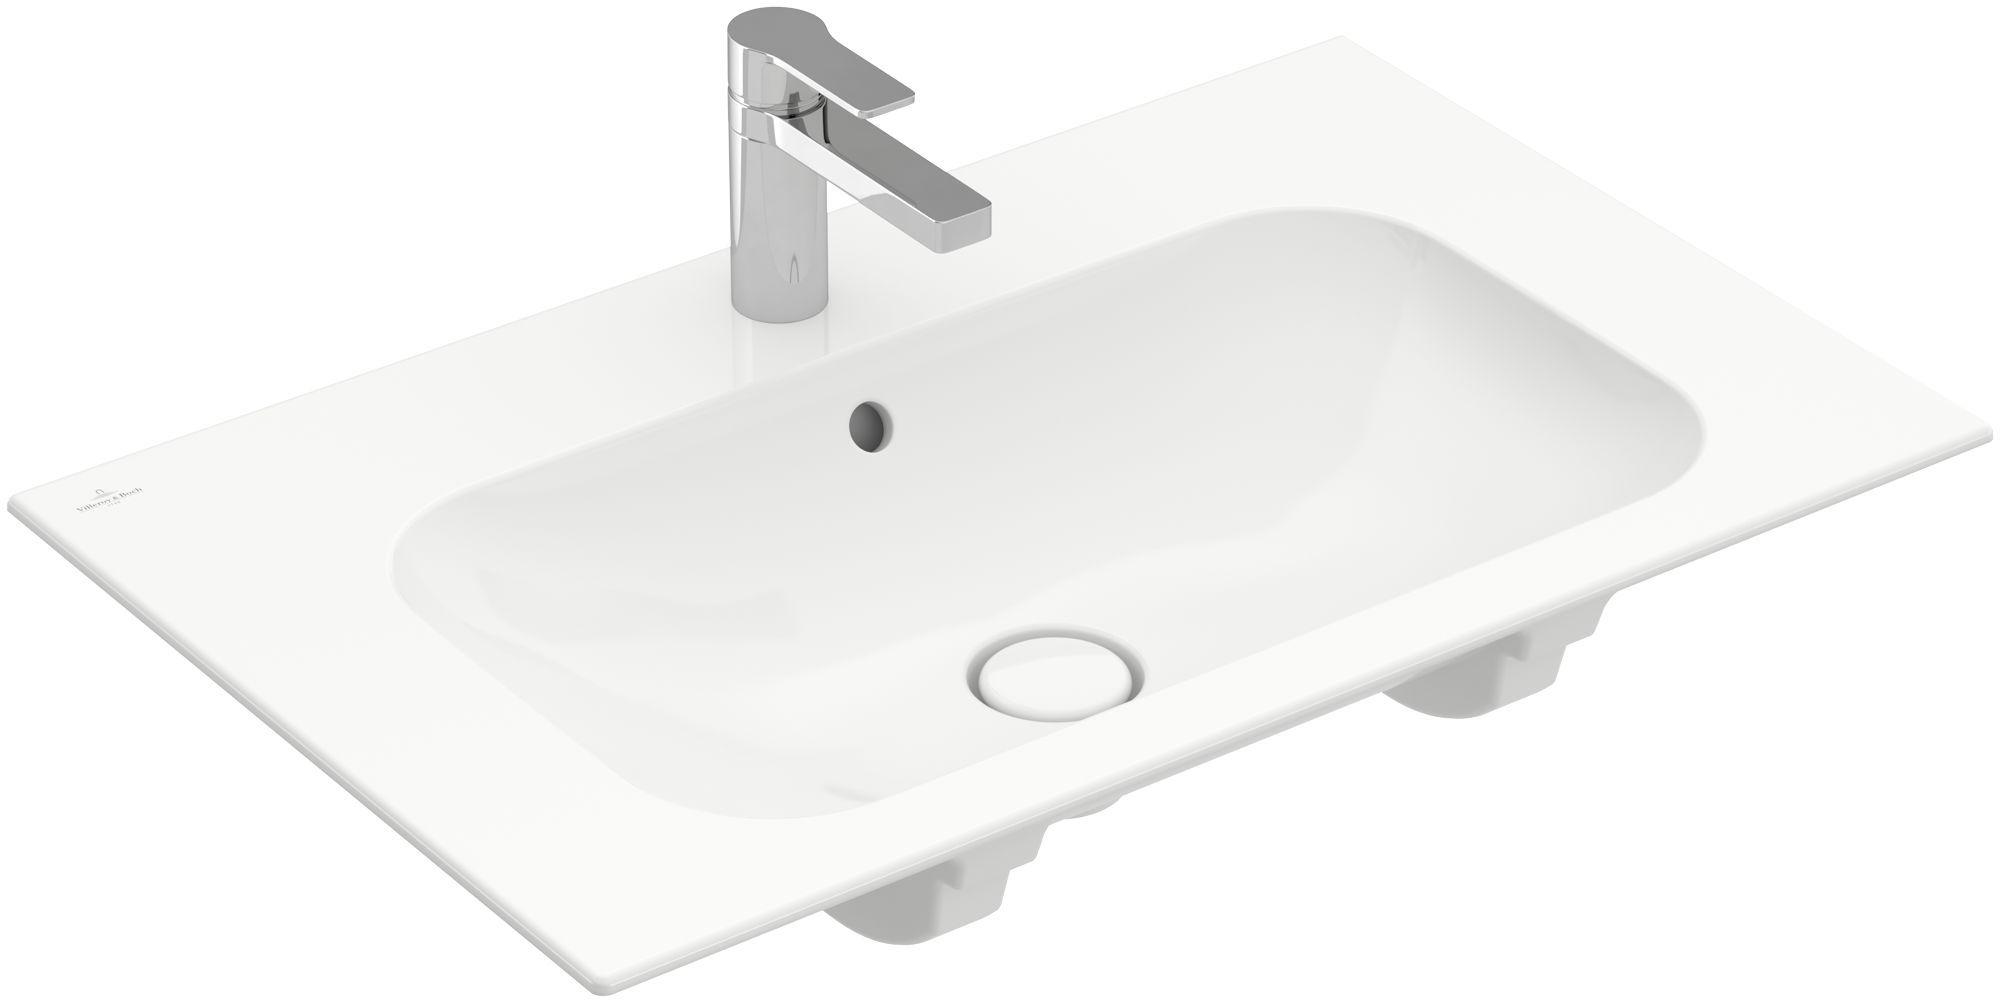 Villeroy & Boch Finion Schrankwaschtisch mit Überlauf 1 Hahnloch B:80xT:50cm mit Überlauf 1 Hahnloch weiß Ceramicplus 416480R1